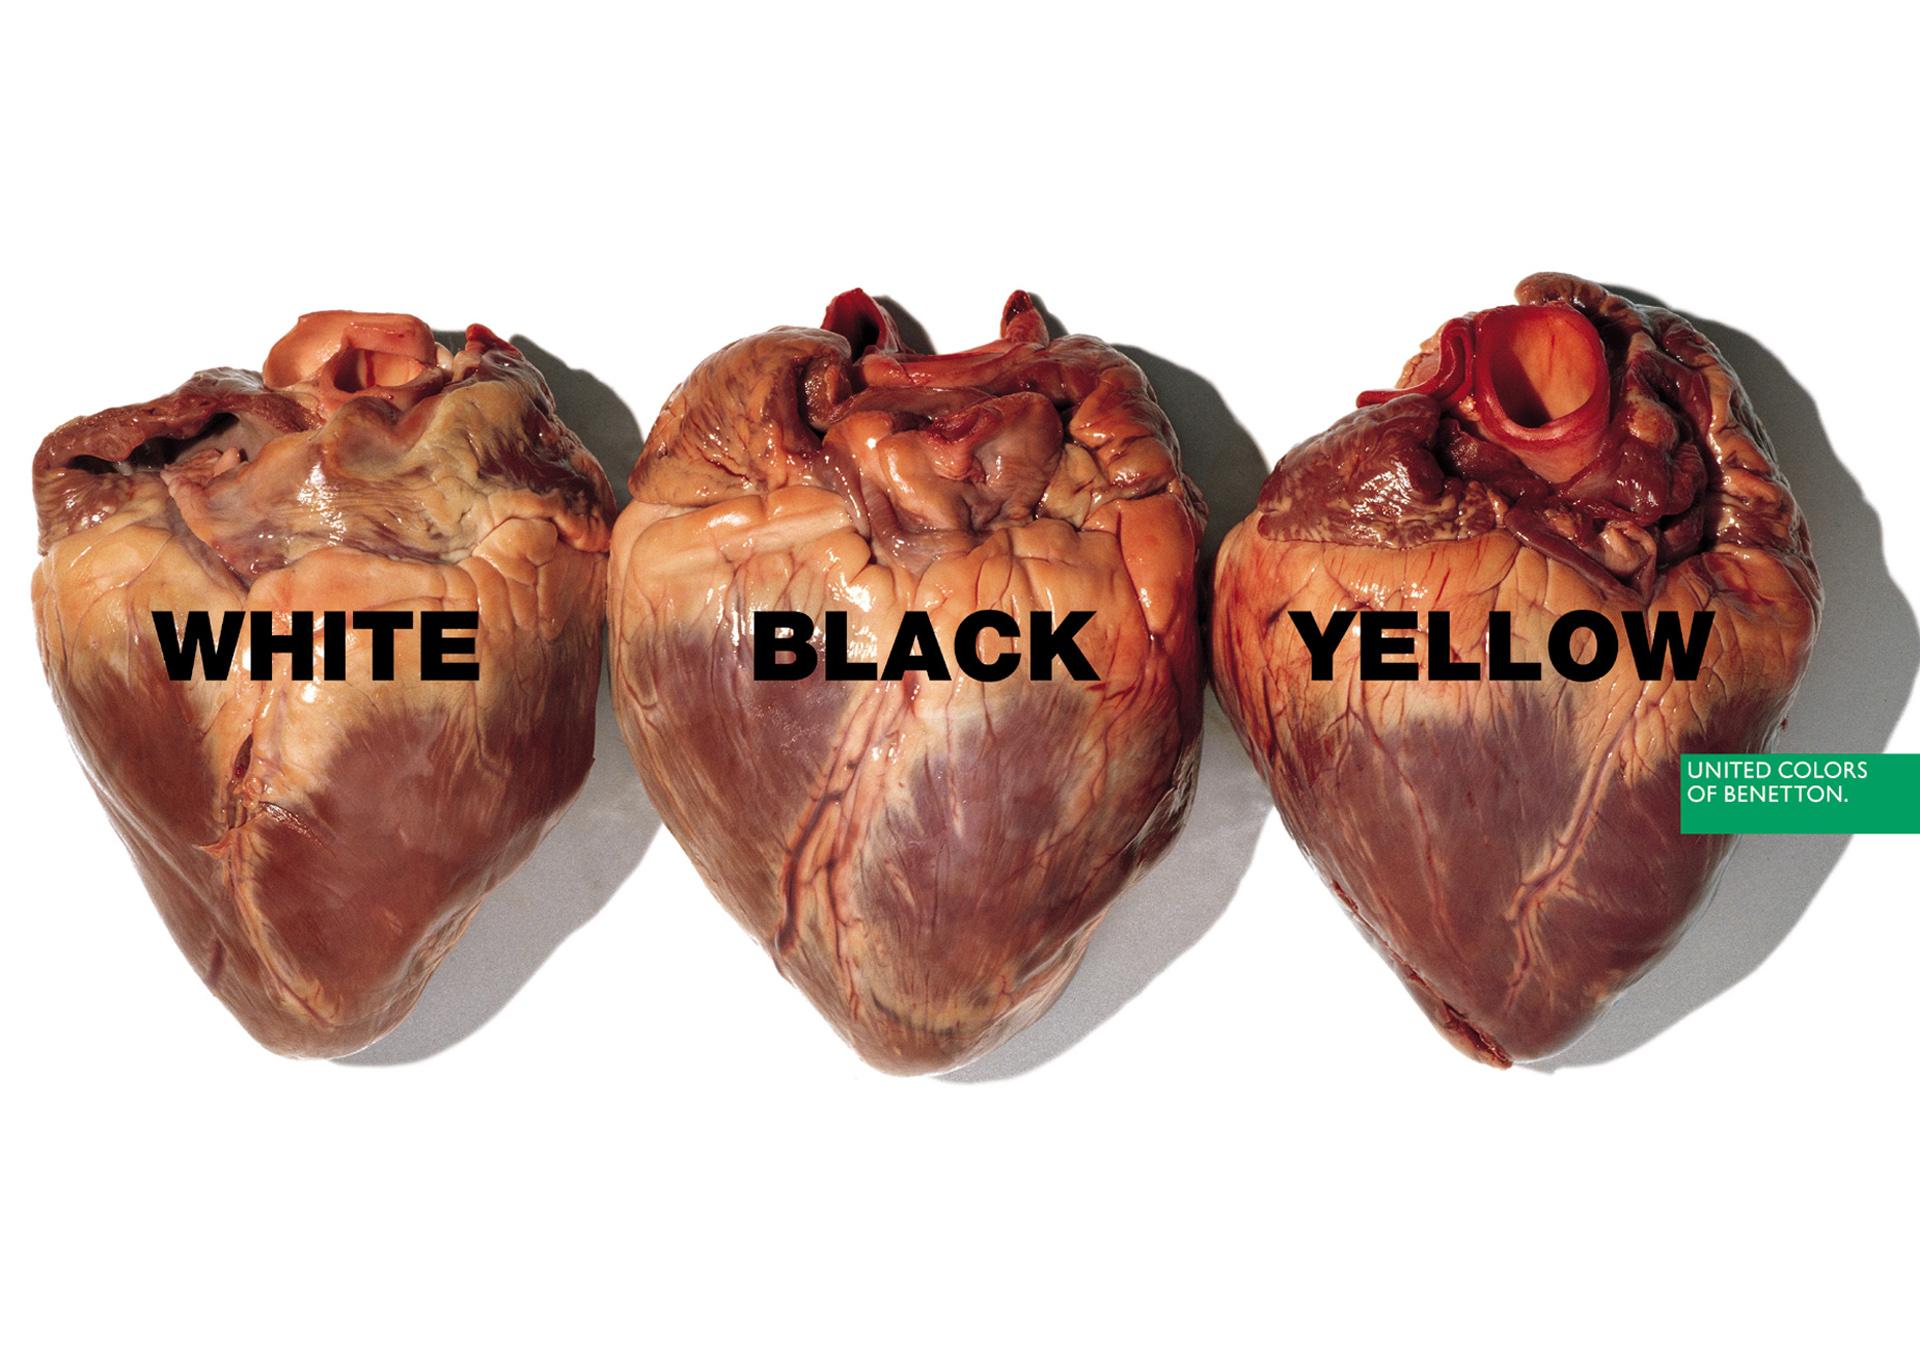 """1996. Tres corazones, tres razas. """"Blanco, negro, amarillo"""". Mensajes de colores que representan a las diferentes razas humanas. Por más que sean diferentes tonos de piel, en el interior son todos exactamente iguales"""